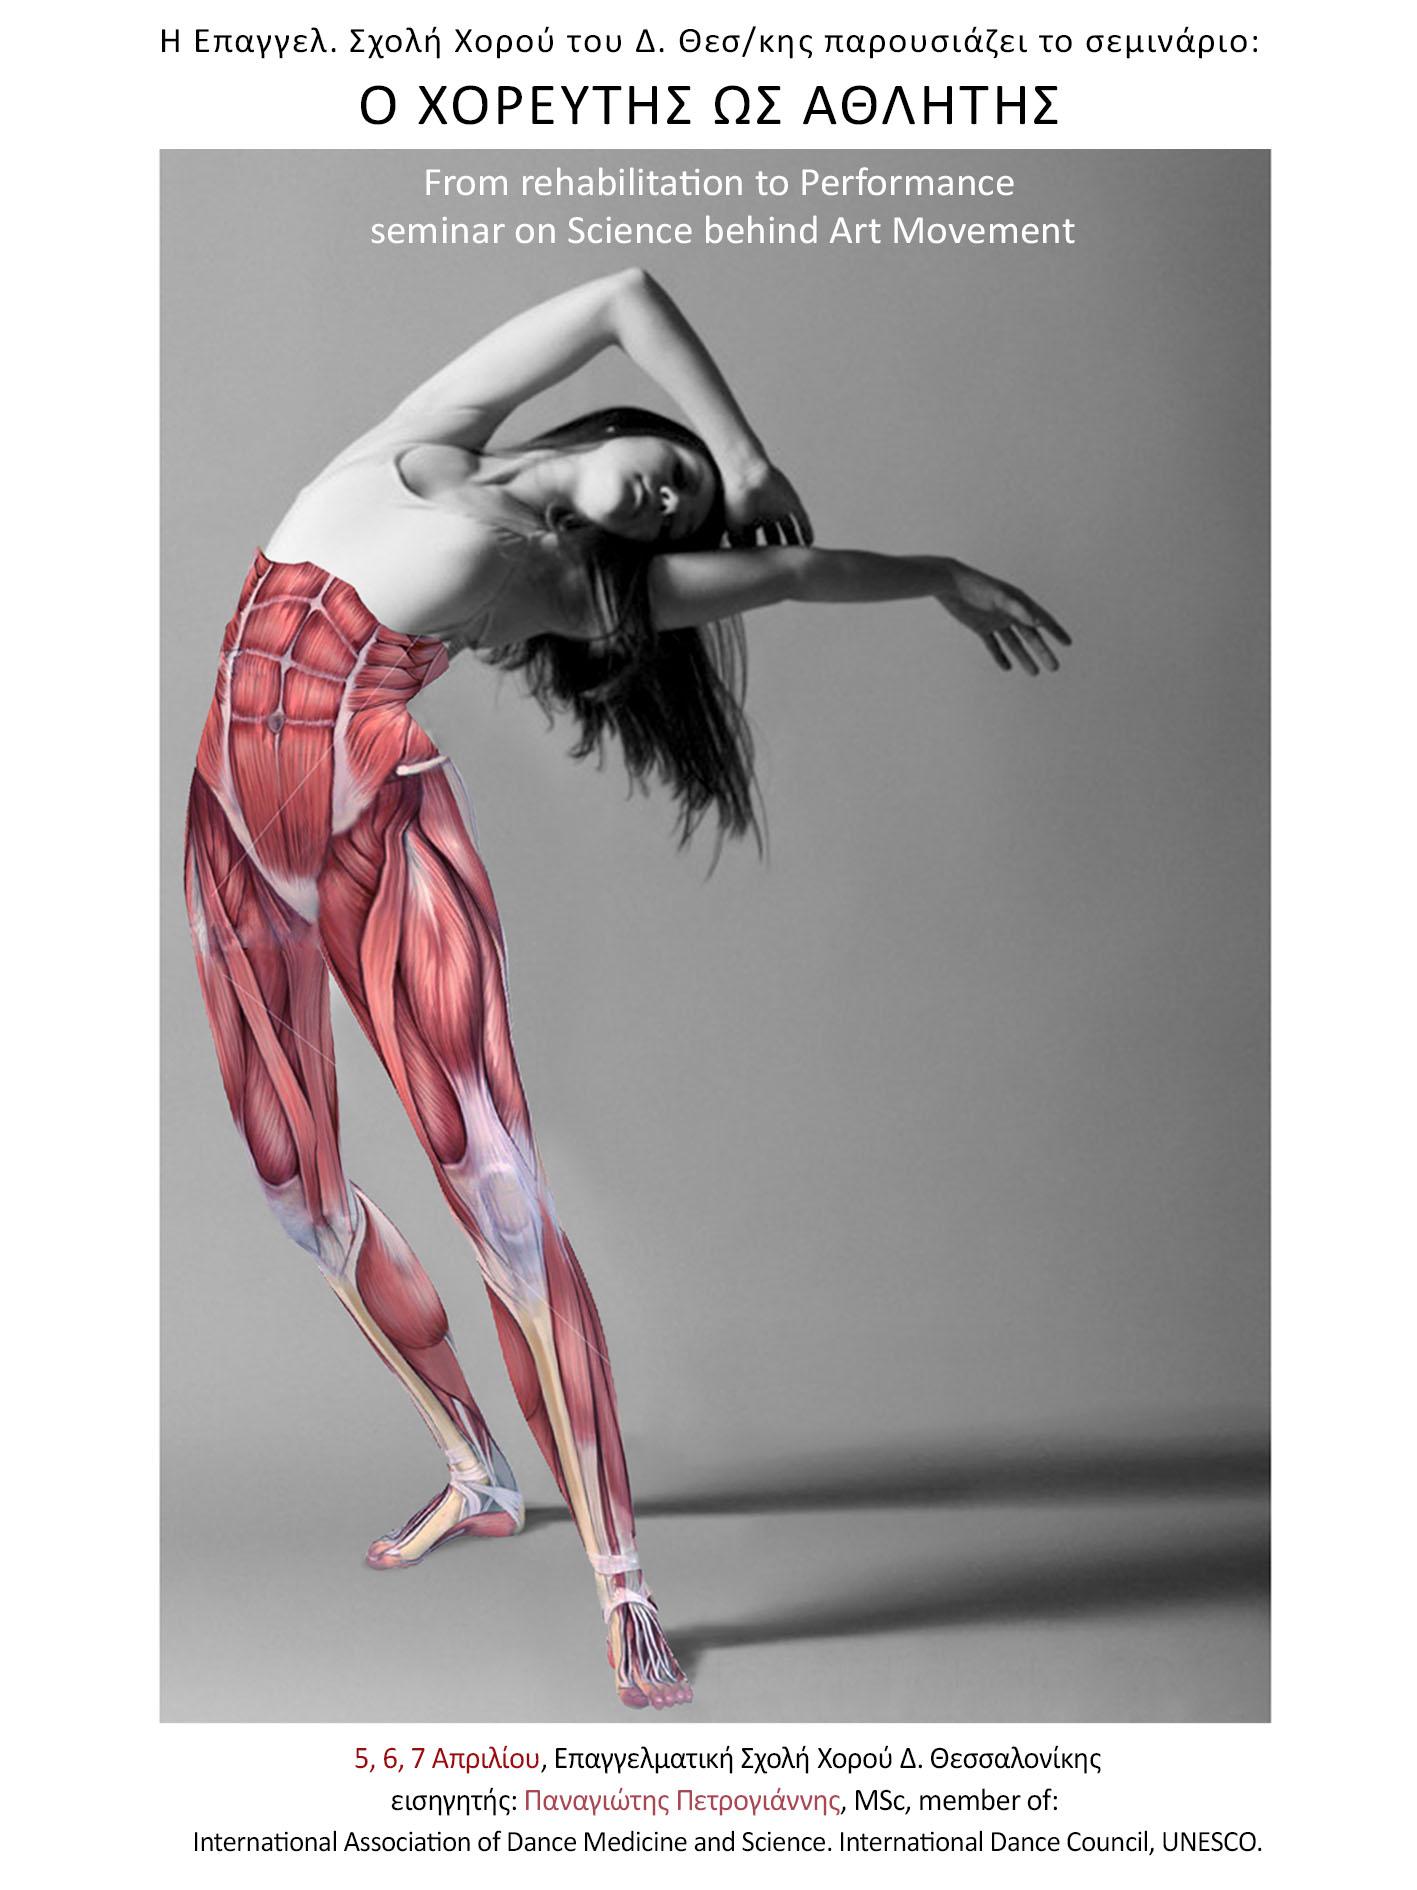 Ο Χορευτής ως Αθλητής